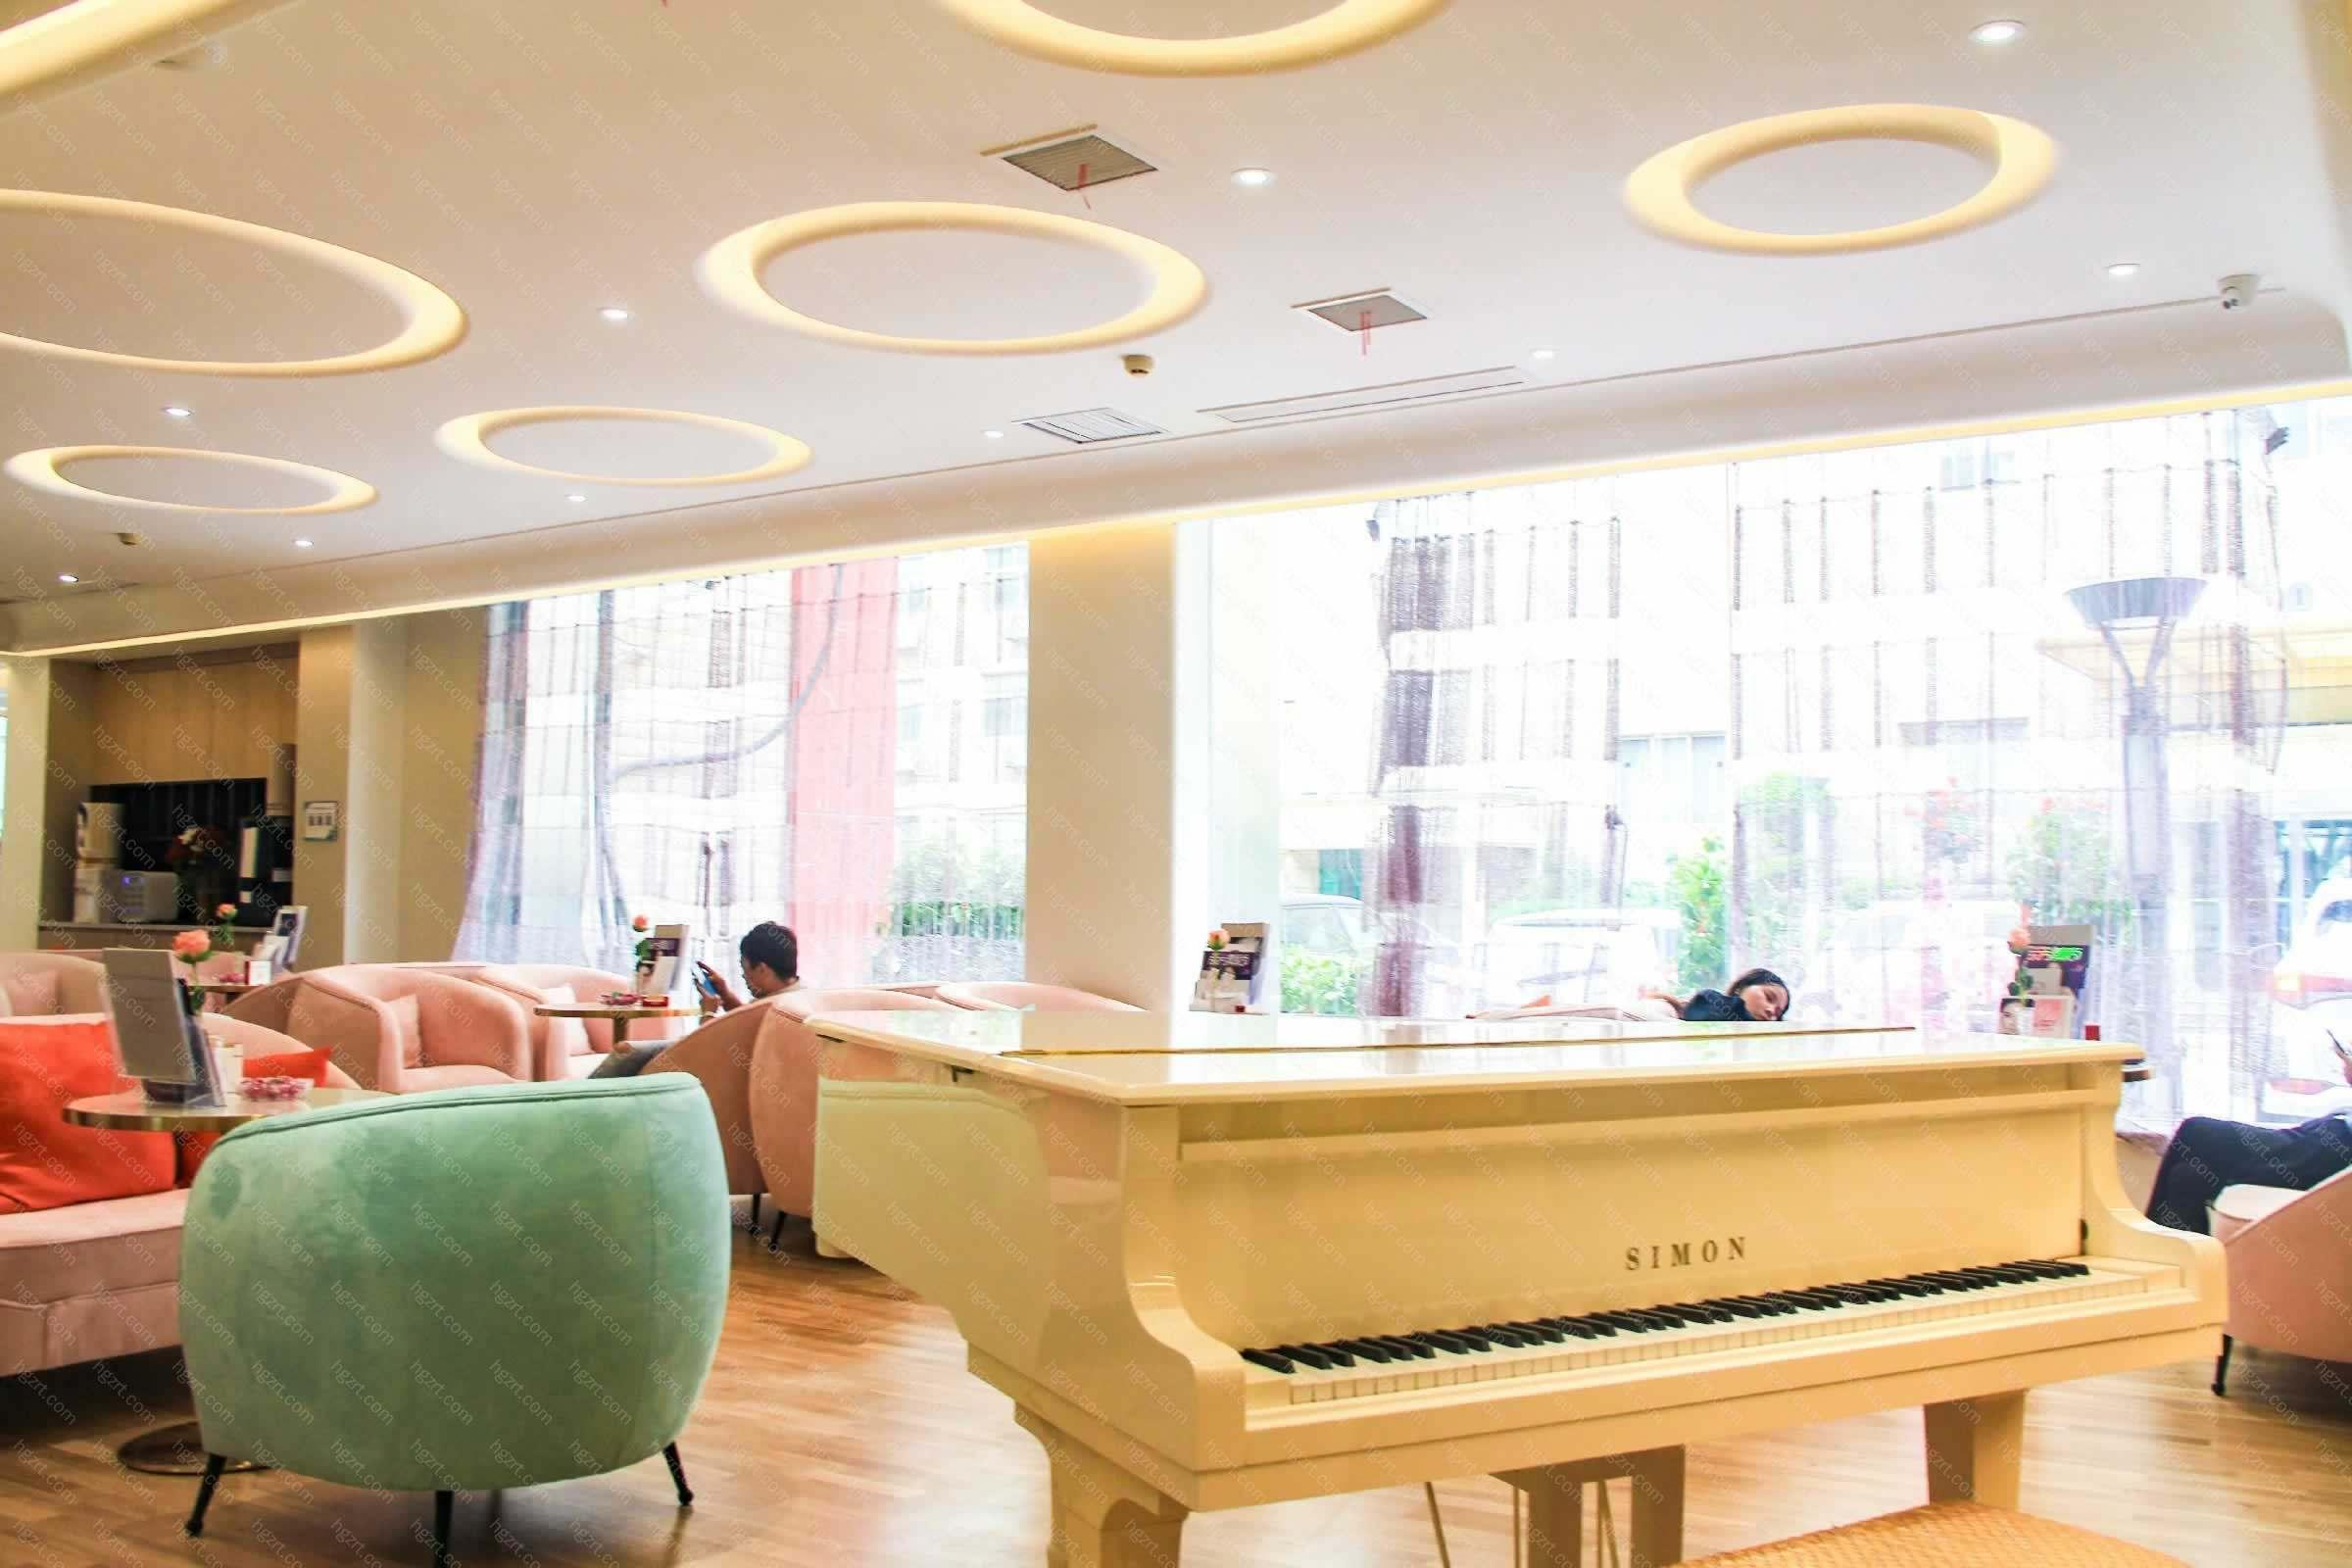 郑州东方女子医院为全面打造正规化、现代化、专业化的医学整形服务机构